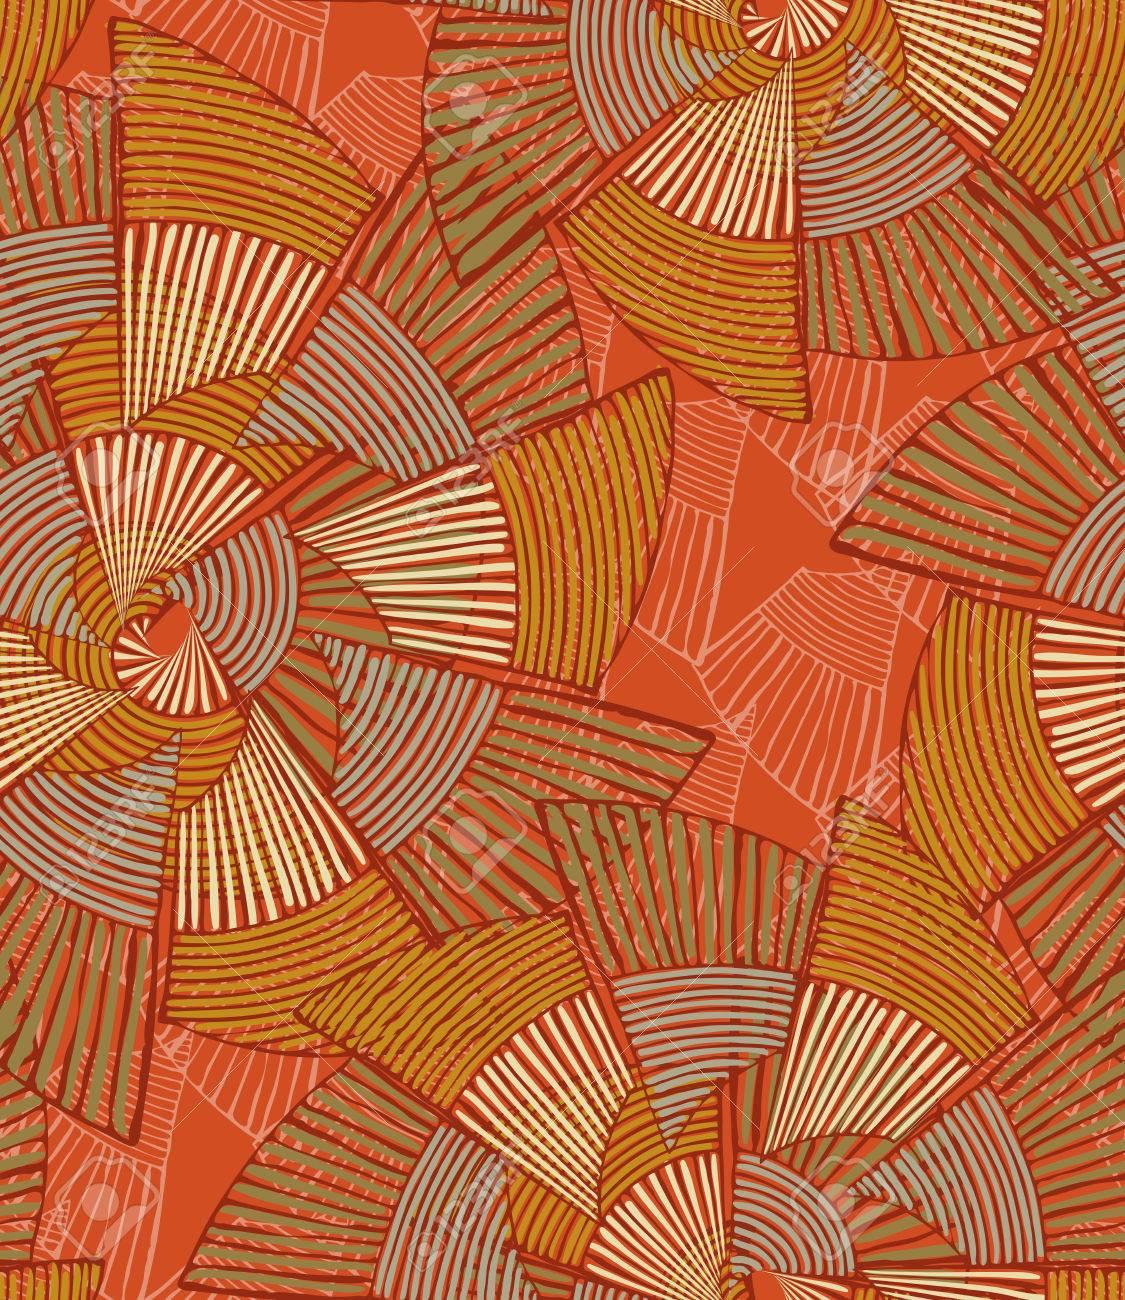 Pinwheels A Rayas Naranja Grande. Mano Dibujada Con Tinta De Fondo ...